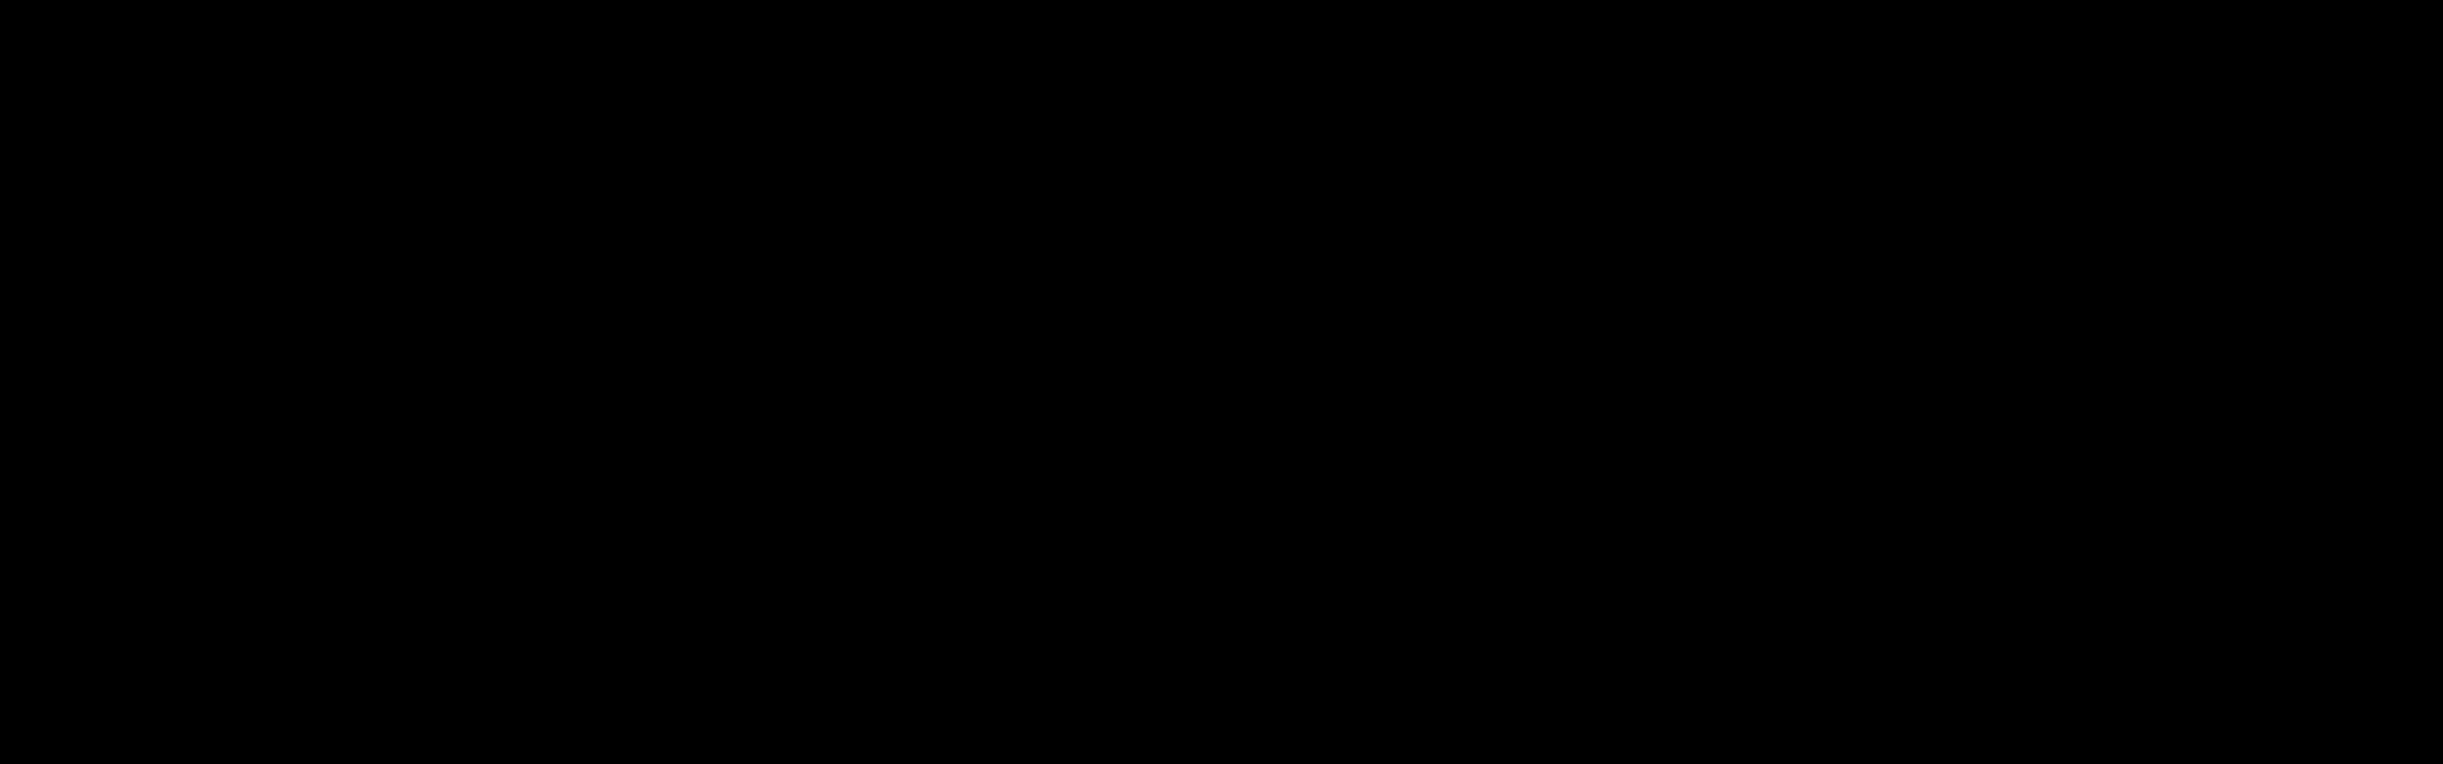 Гармонический субдоминантовый квартсекст аккорды